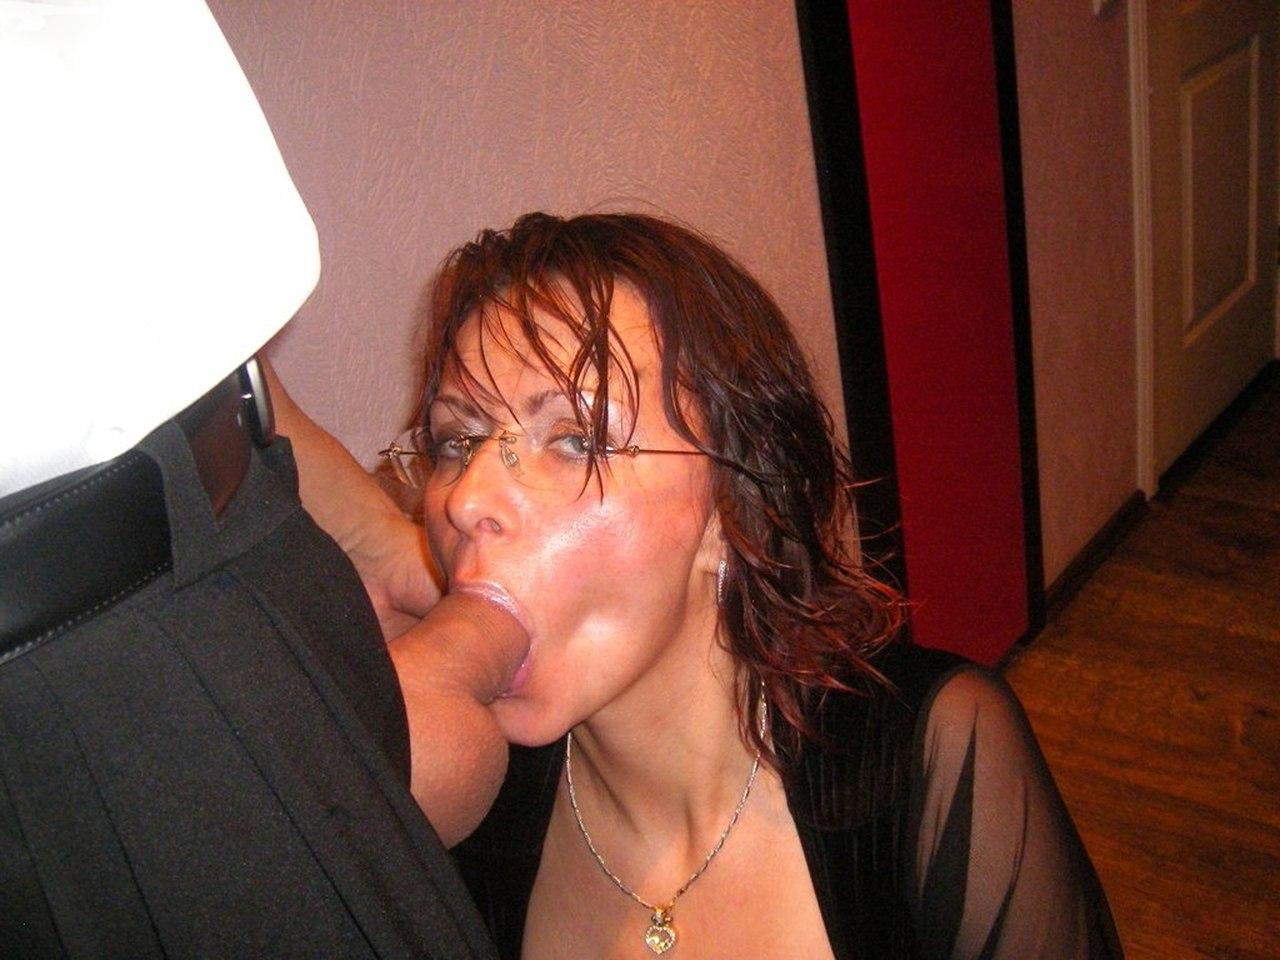 Порно жена сосет начальнику мужа